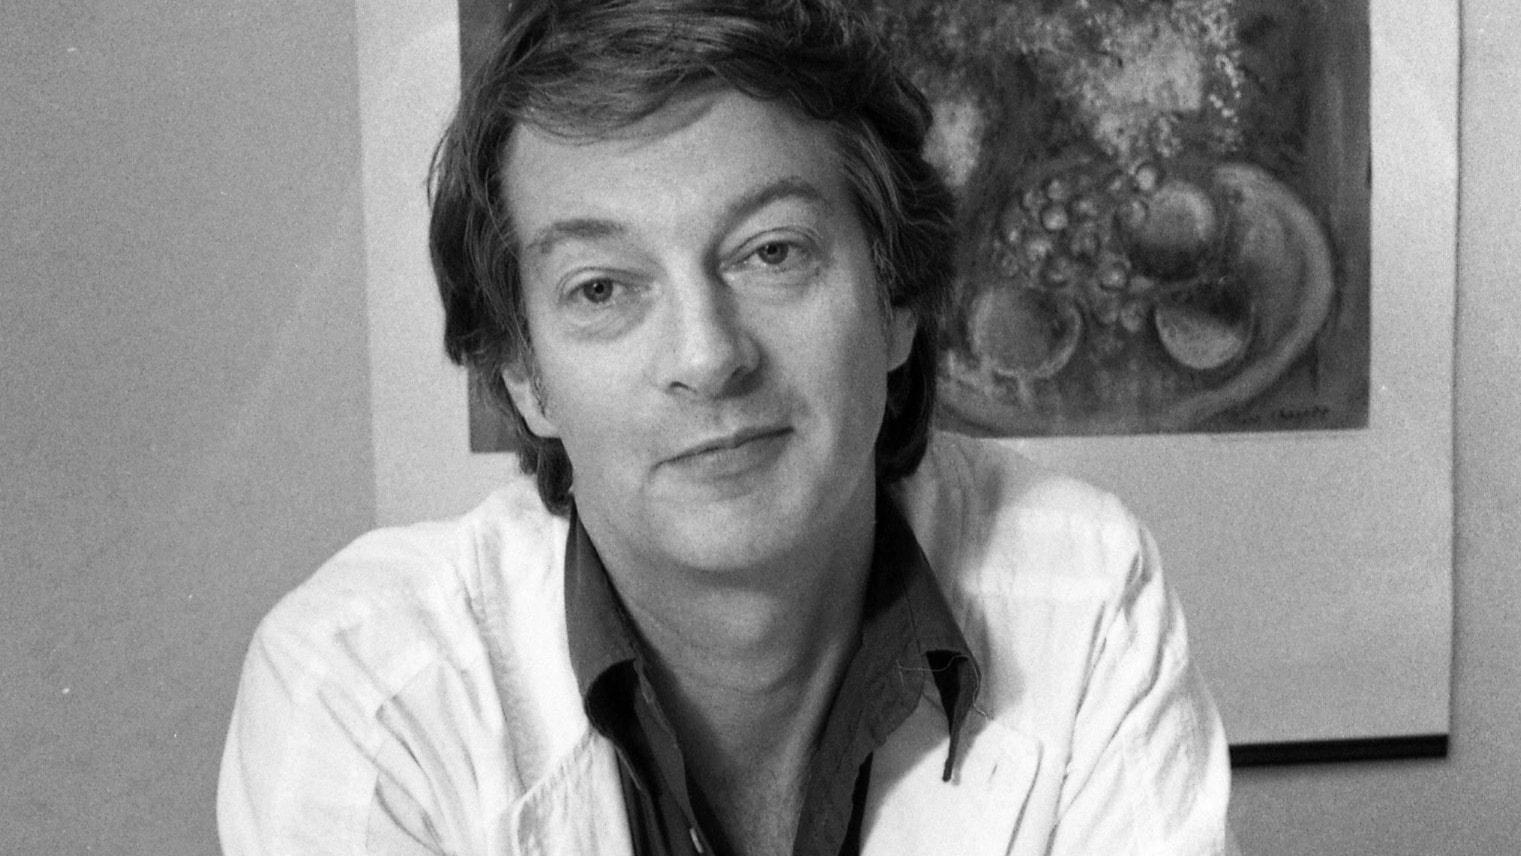 KONSERT: Jan W Morthenson – tonsättare och bildkonstnär